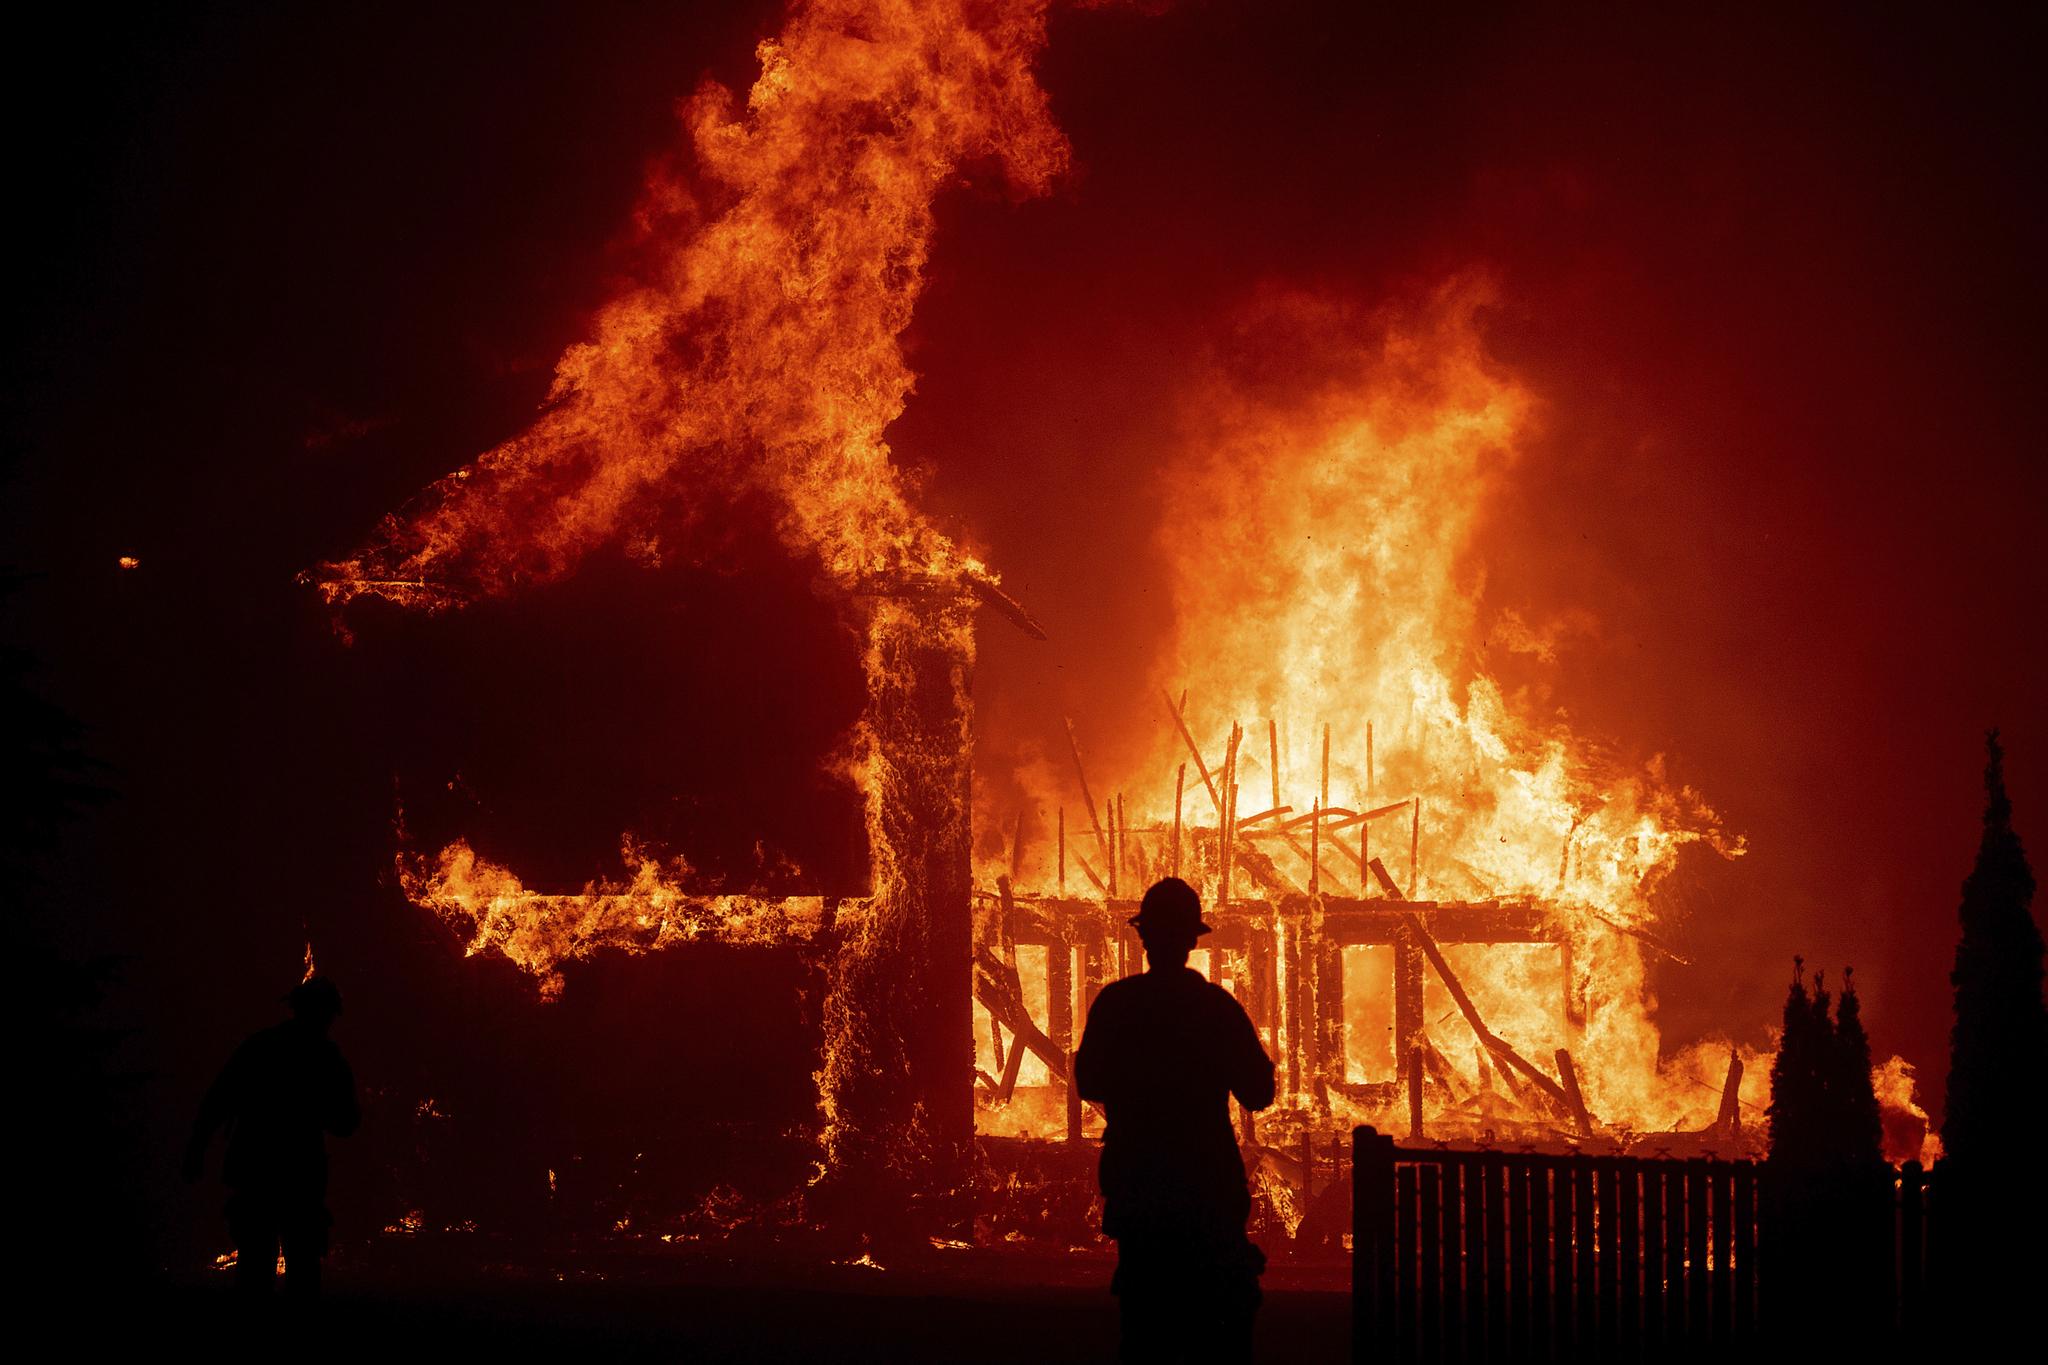 지난해 11월에 발생한 미국 캘리포니아 산불.[AP=연합뉴스]